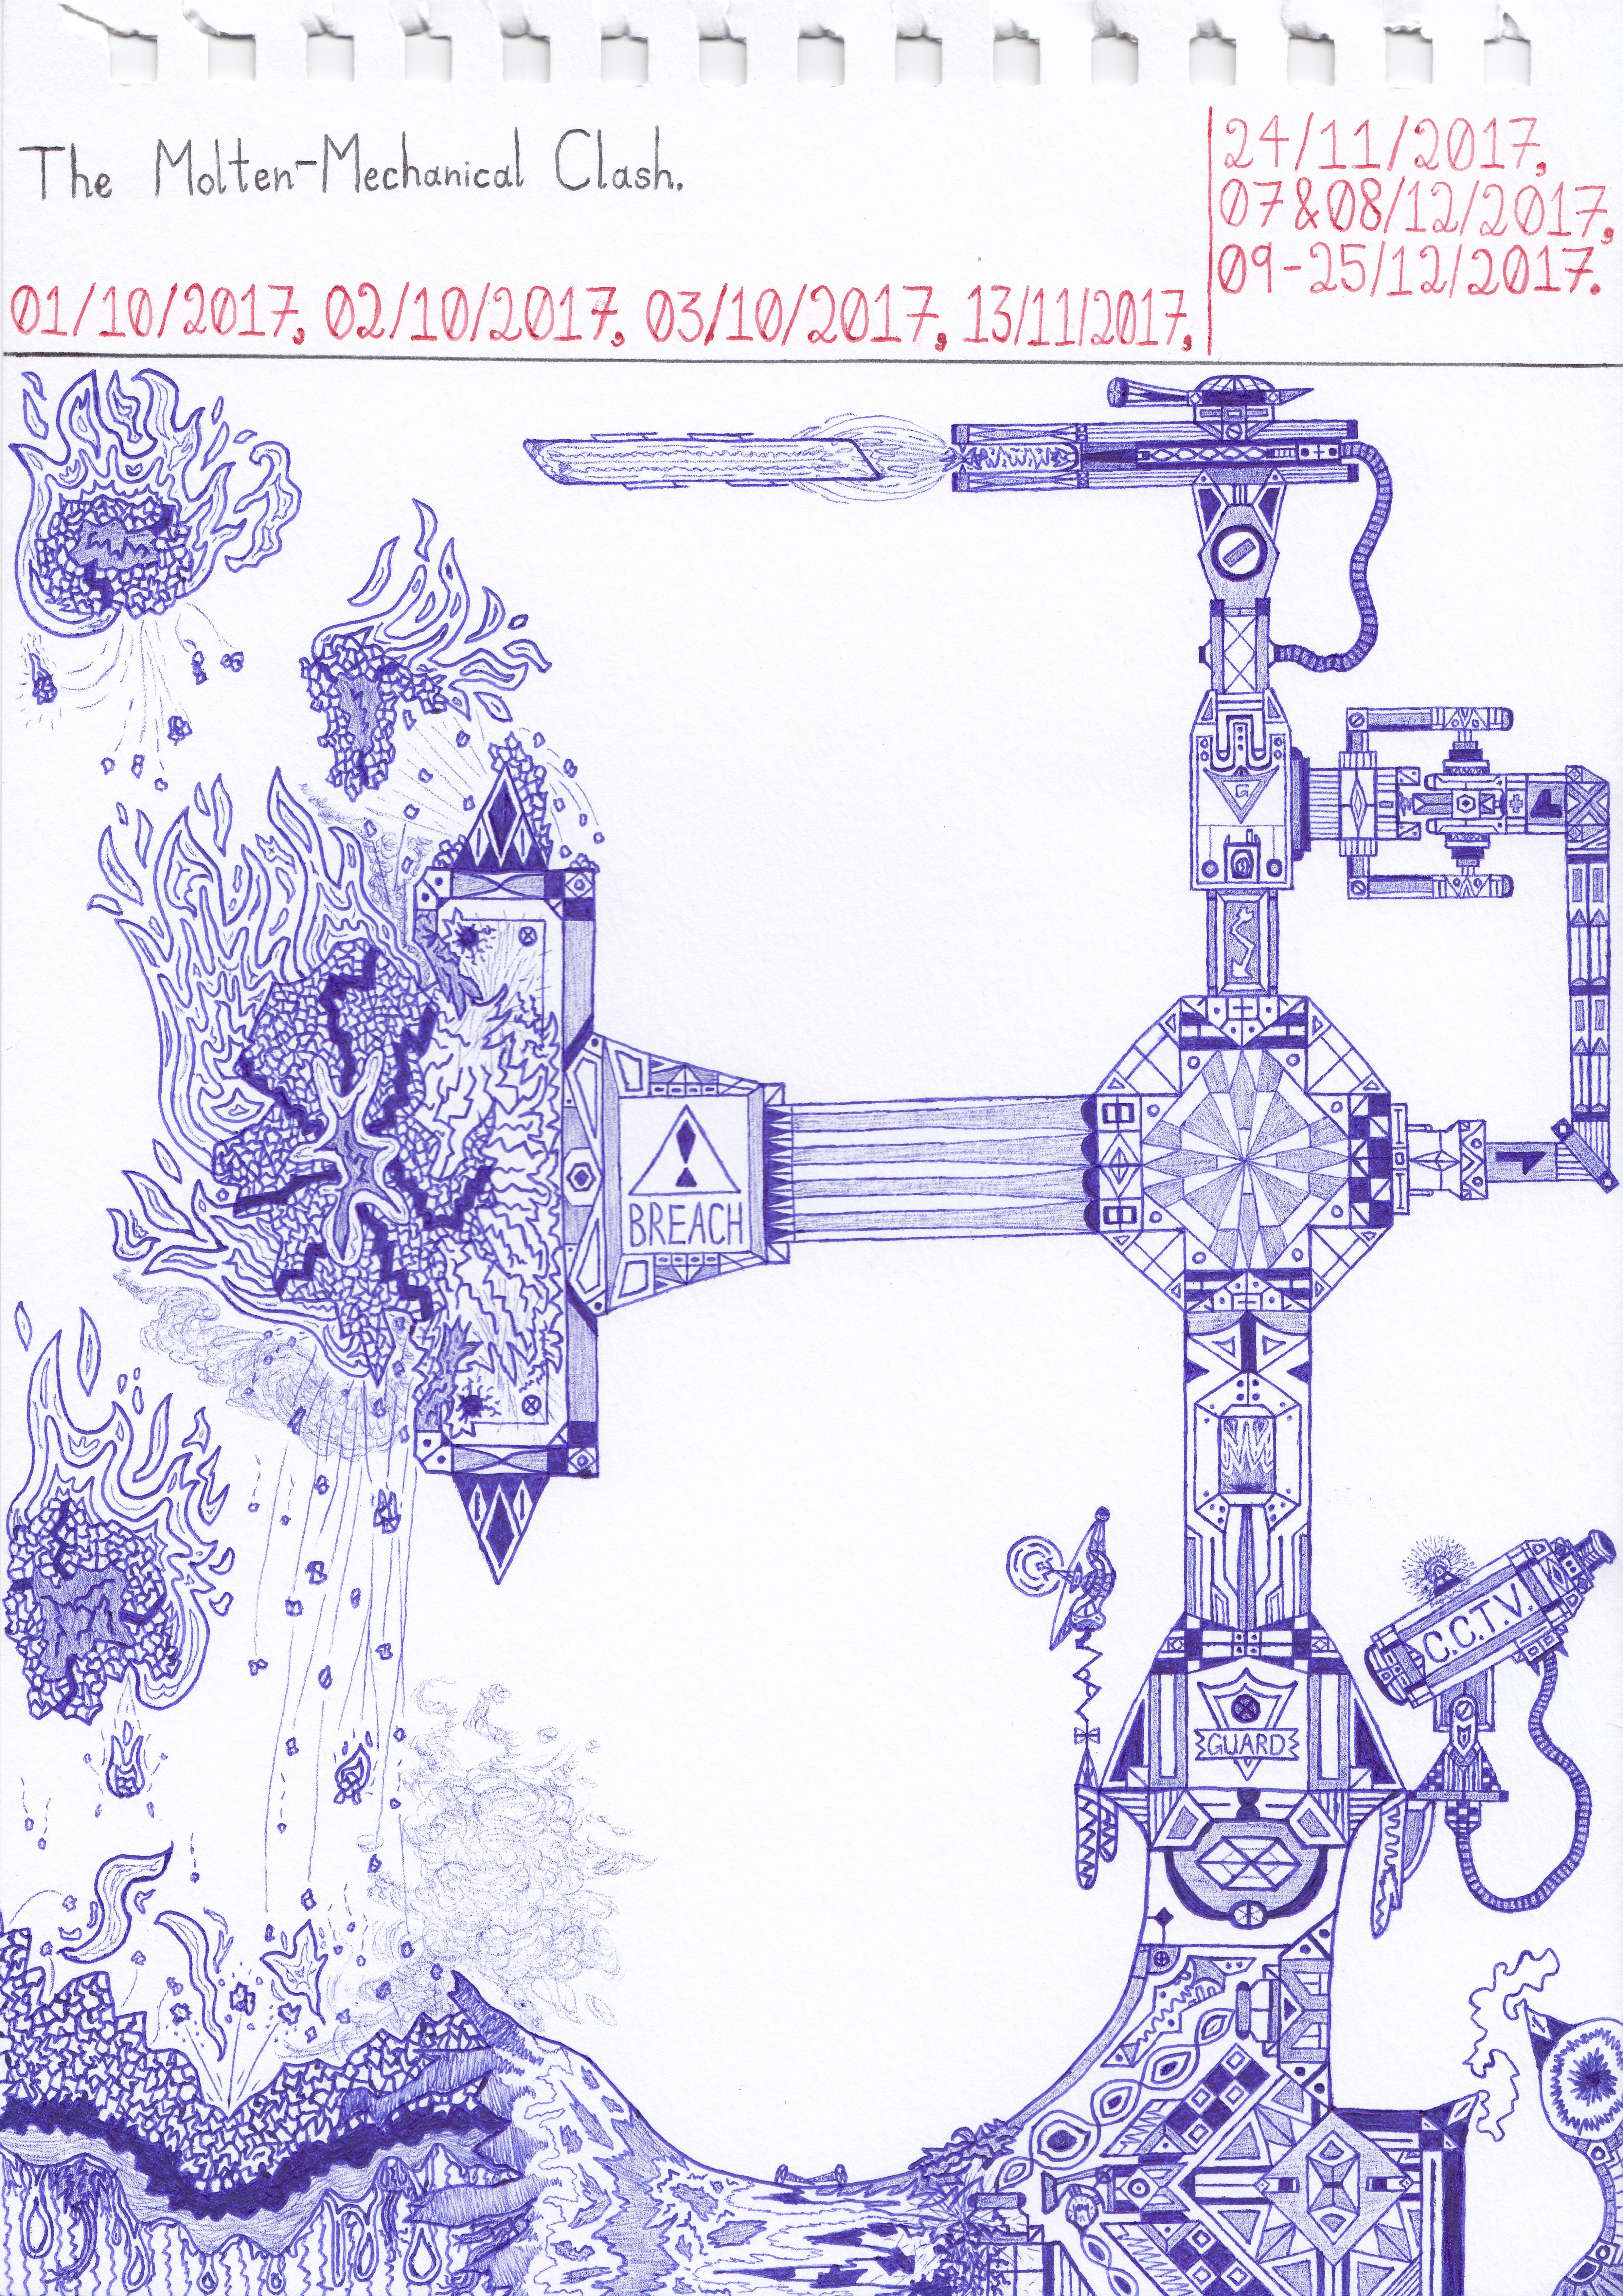 Art #68 -- The Molten-Mechanical Clash.